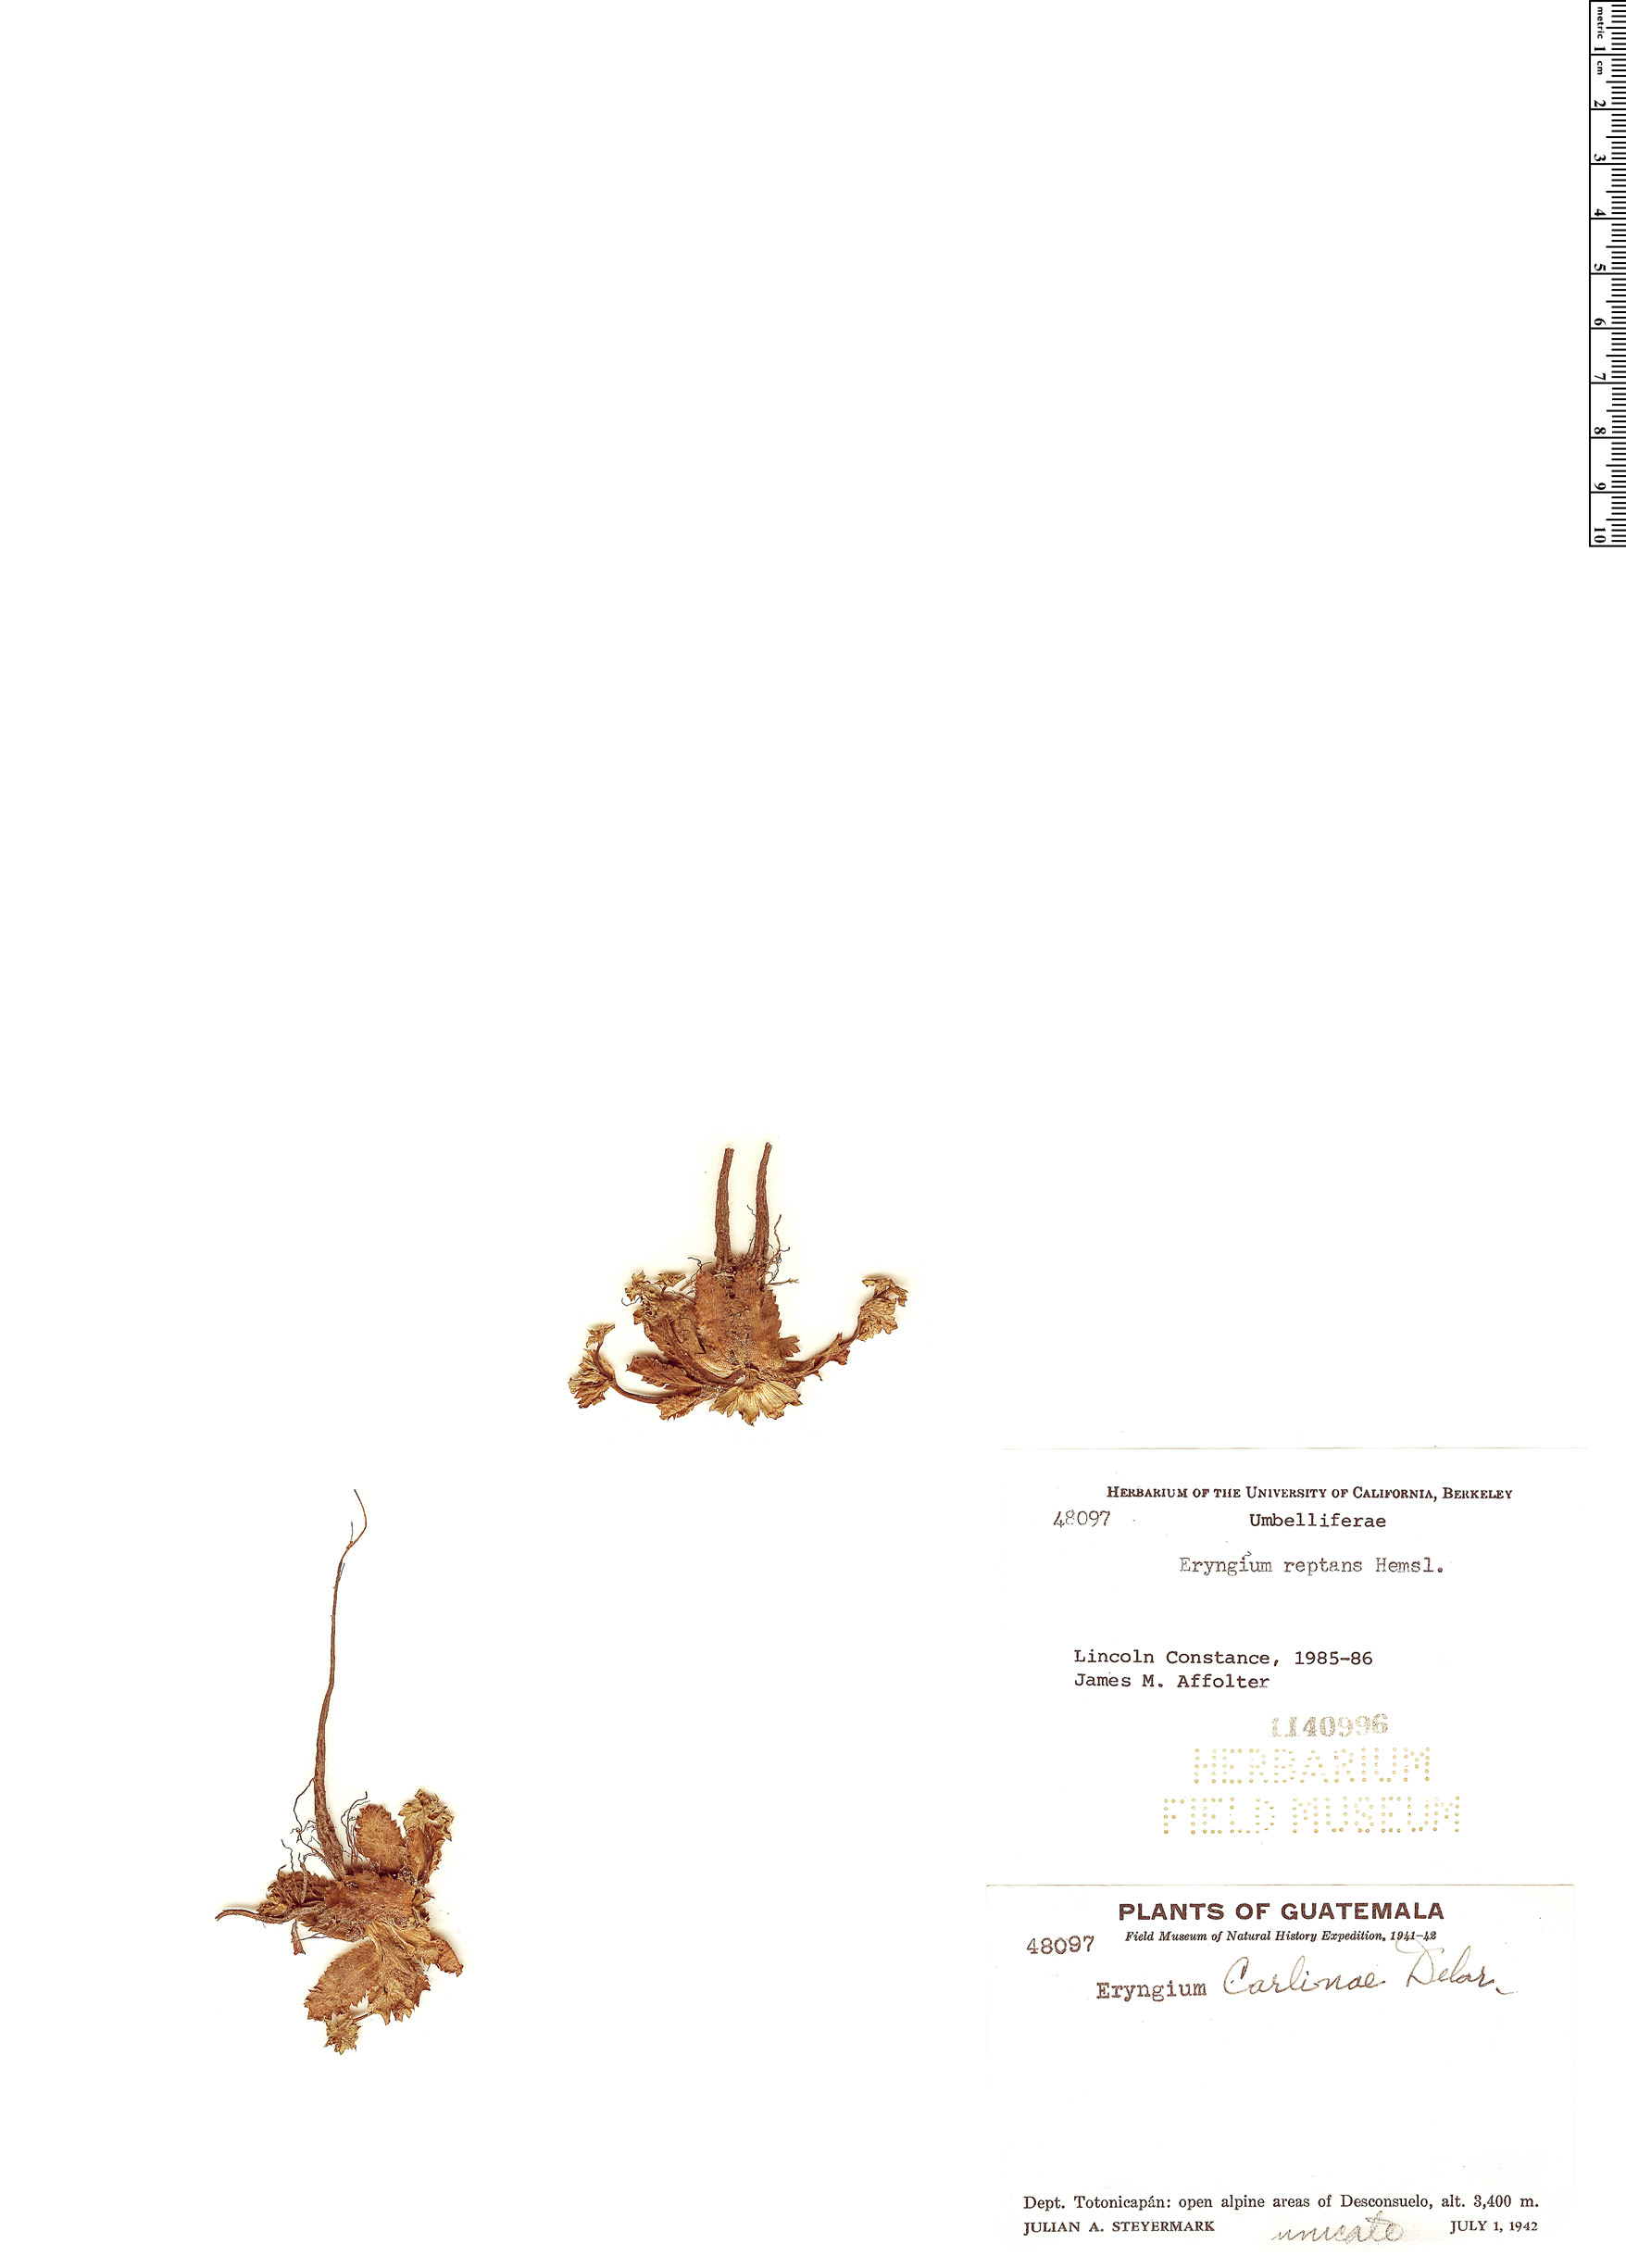 Specimen: Eryngium reptans